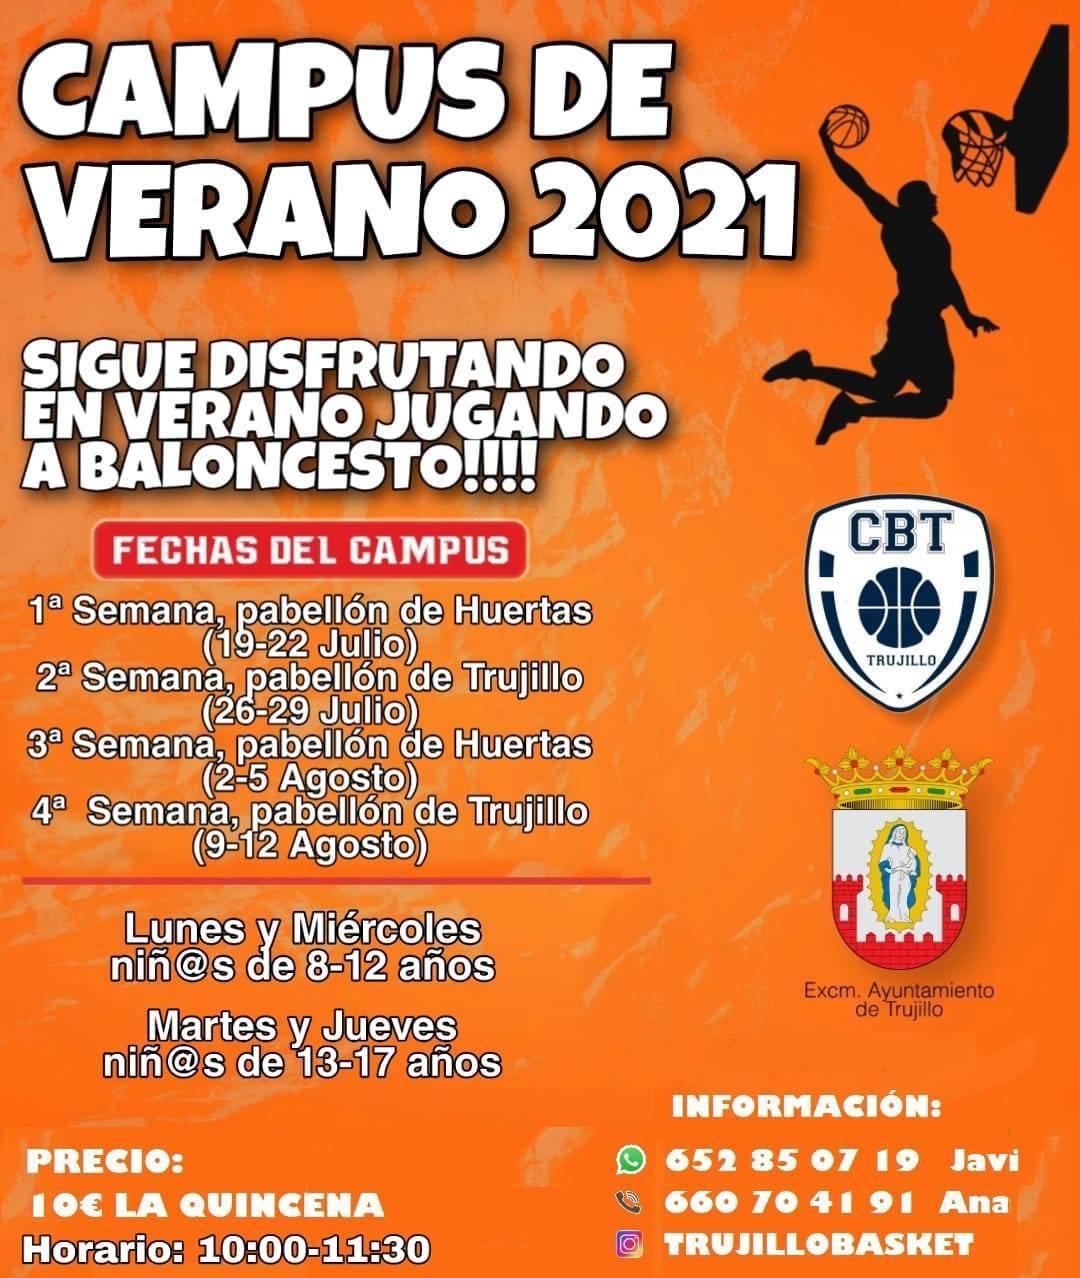 Campus de verano (2021) - Huertas de Ánimas (Cáceres) y Trujillo (Cáceres)